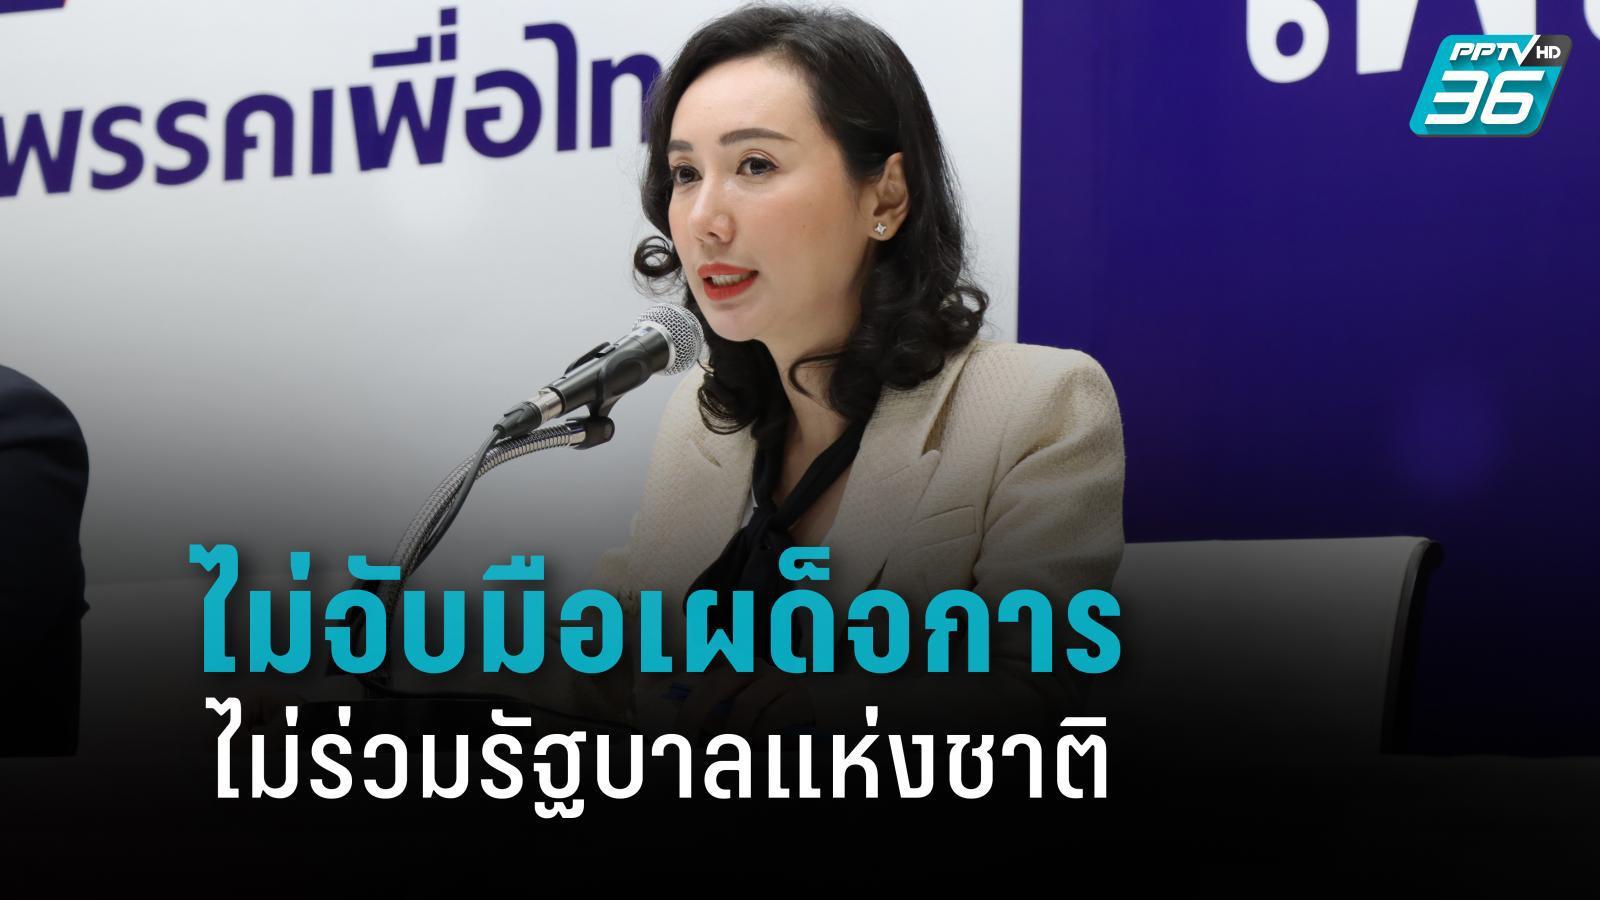 """""""เพื่อไทย"""" ลั่น ไม่ร่วมรัฐบาลแห่งชาติ ไม่จับมือเผด็จการ"""